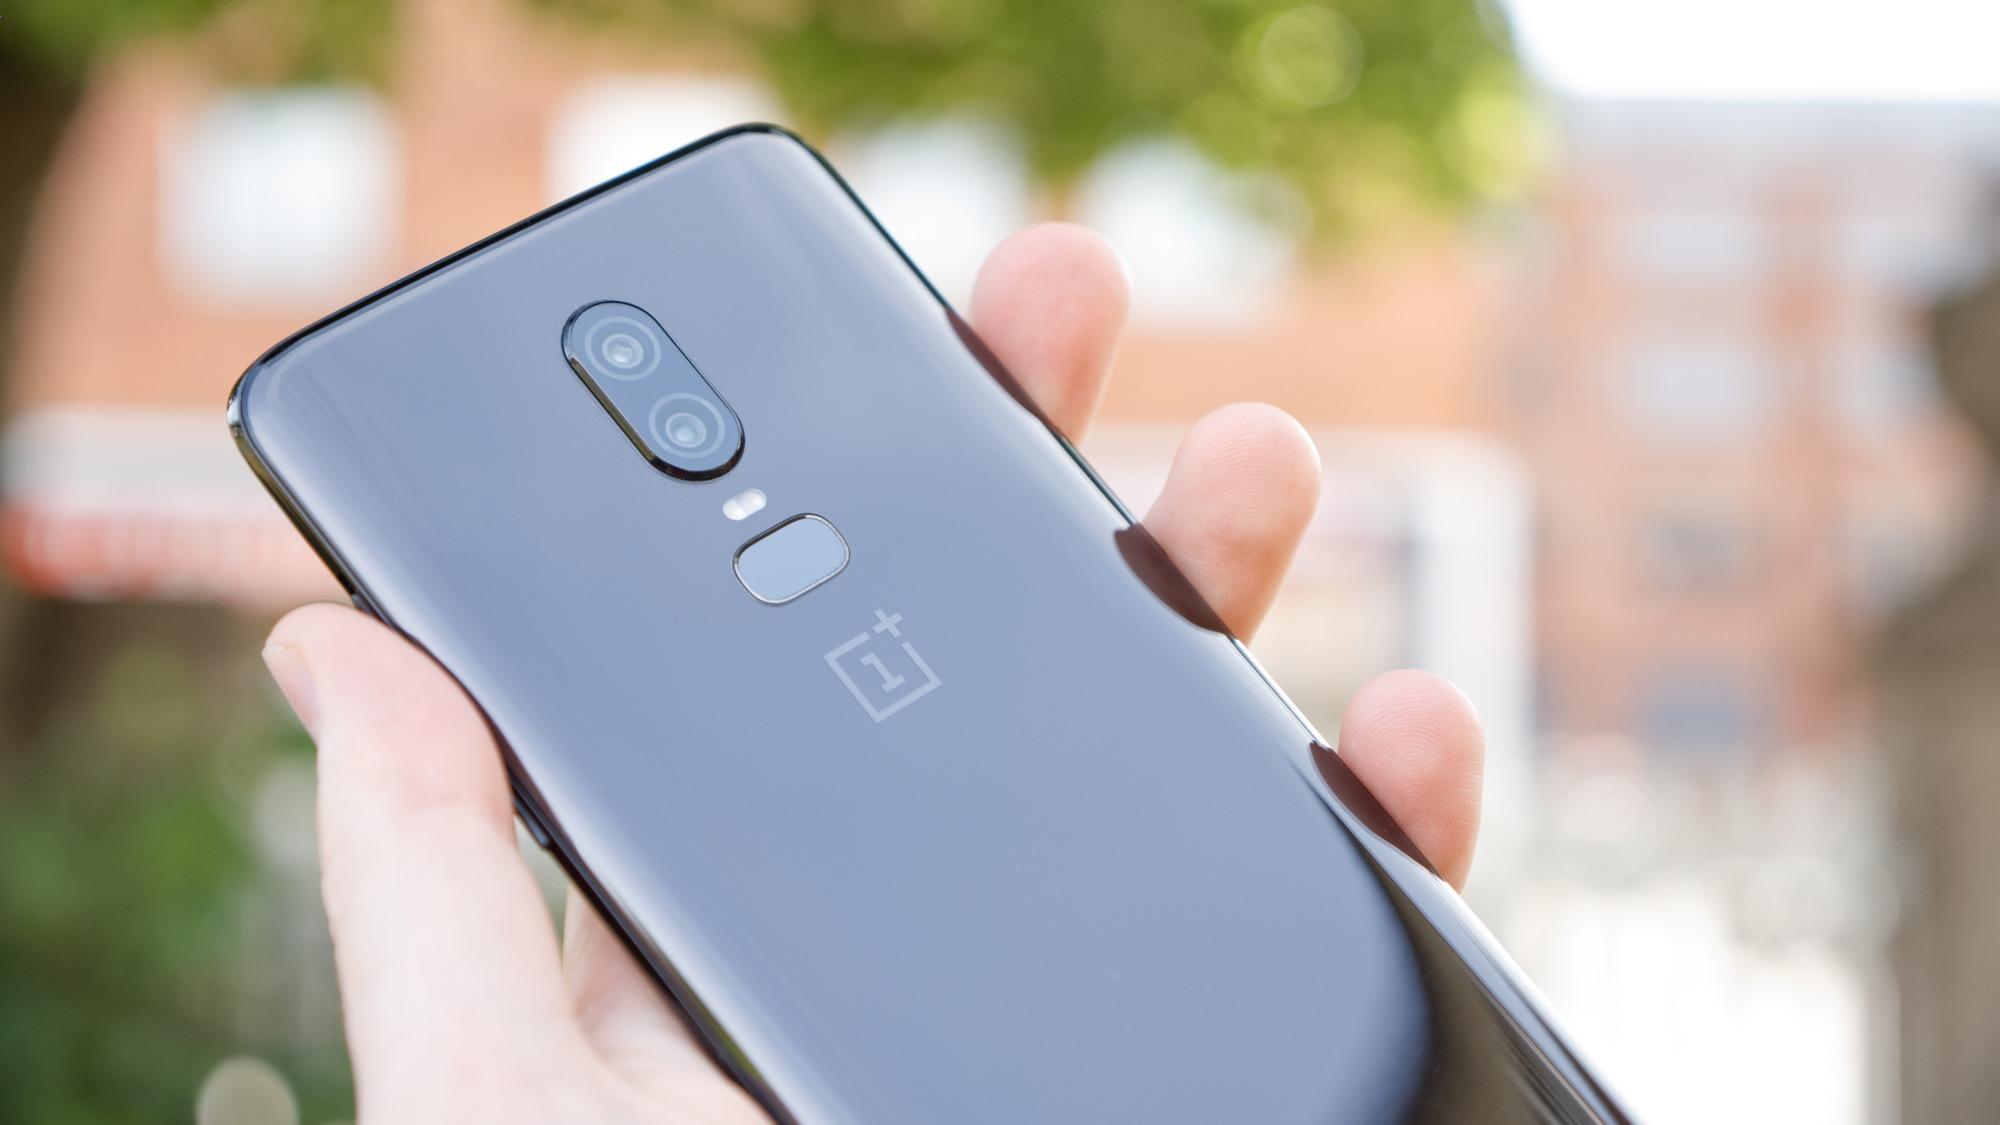 OnePlus 6 har tagit ett ordentligt steg framåt med sitt nya kamerasystem.  Det presterar bra i både ljusa och mörka miljöer och har hittat en bra nivå  av ... ce5c4a86f607a